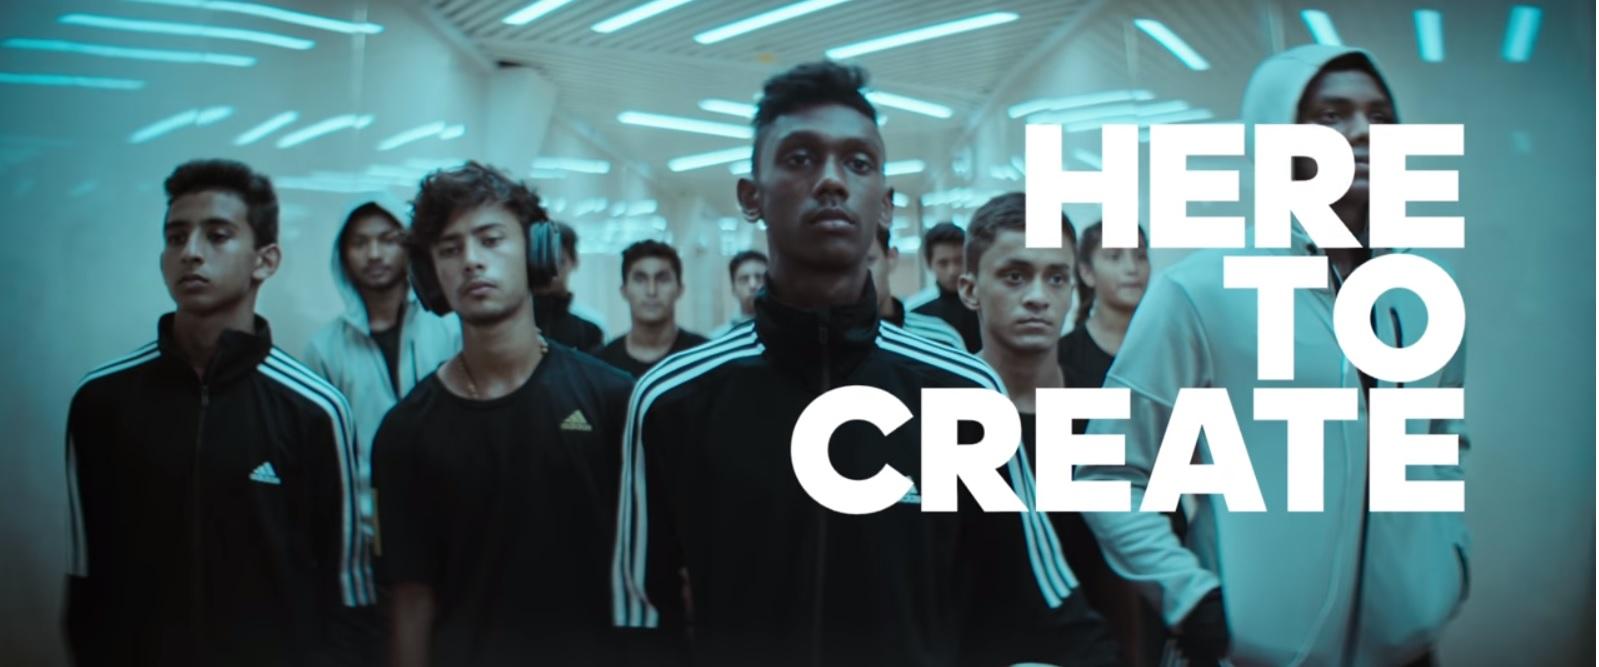 Adidas: Crea la respuesta